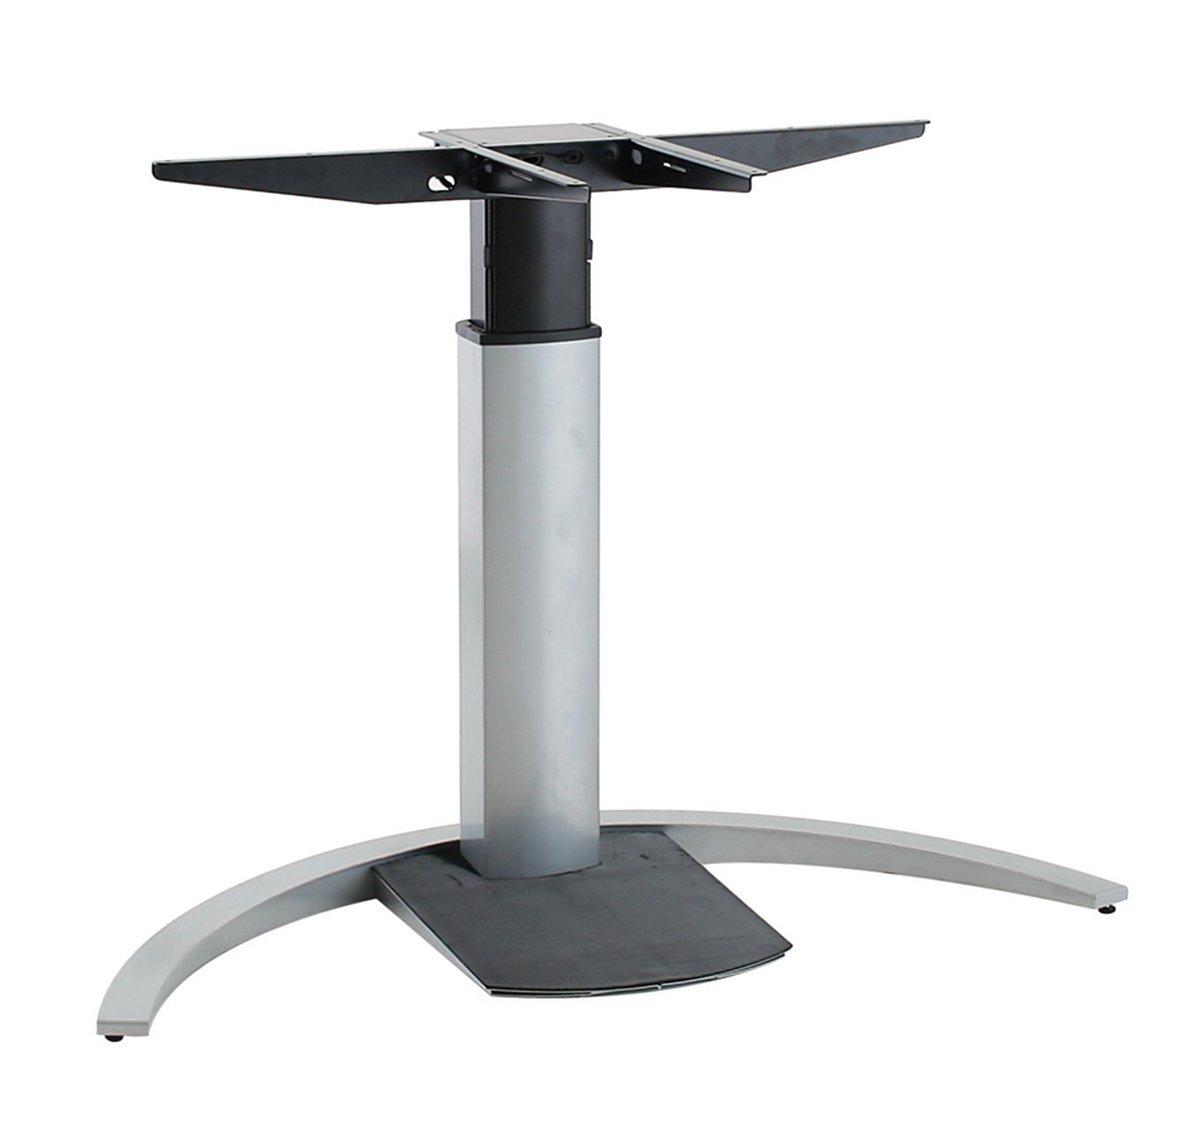 Ergobasis elektrisches Tischgestell Inno-Serie 5 Mono MEMORY, silber